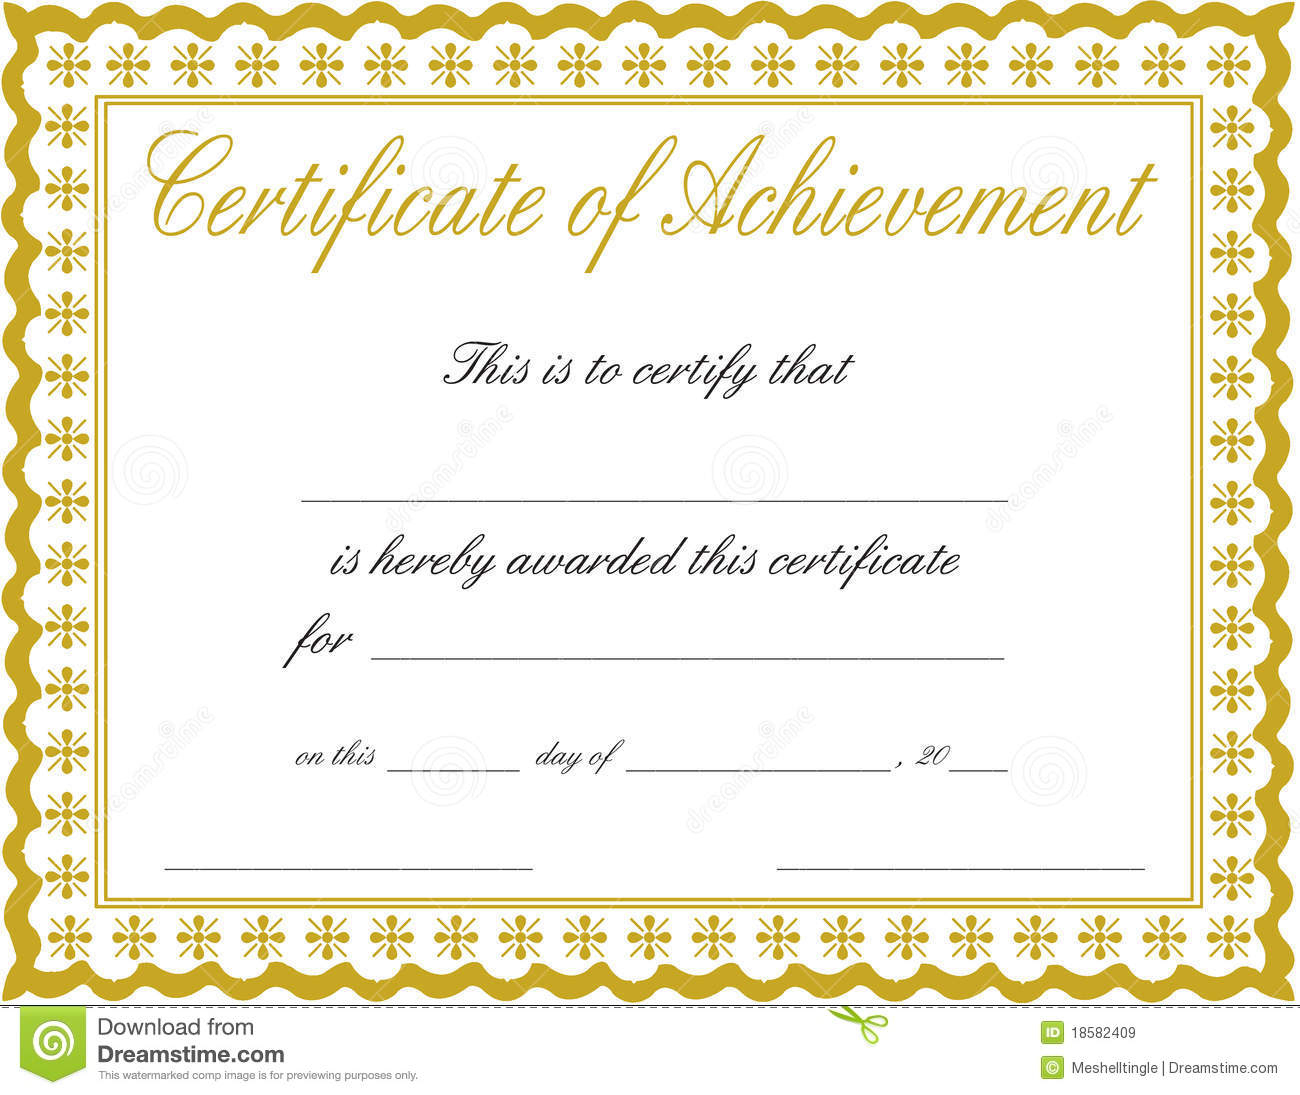 Docx-Achievement-Certificates-Templates-Free-Certificate-Of - Free Printable Certificates And Awards